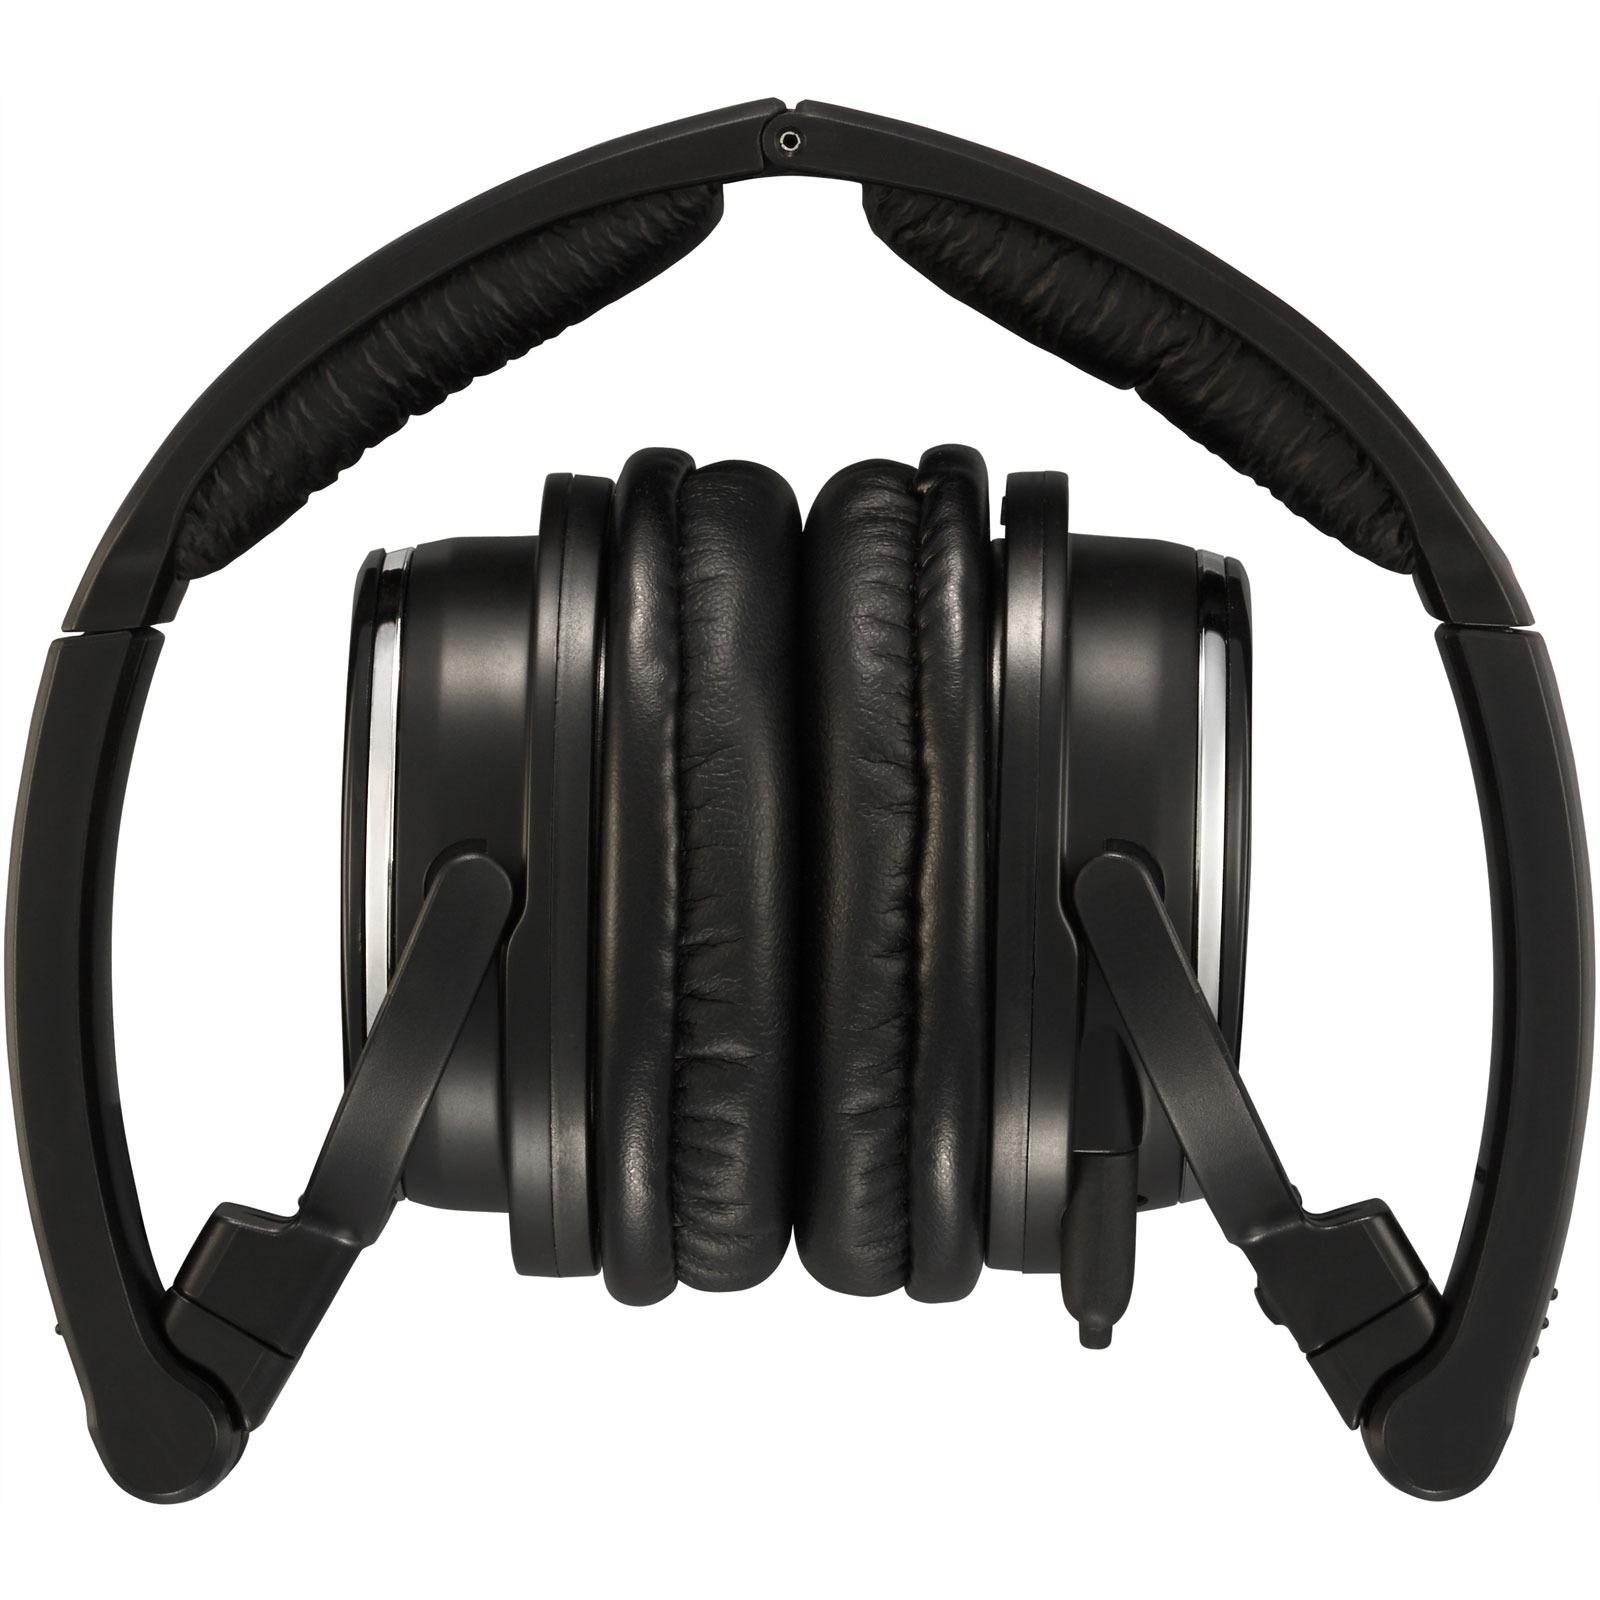 jvc ha nc120 e casque audio avec r ducteur de bruit. Black Bedroom Furniture Sets. Home Design Ideas